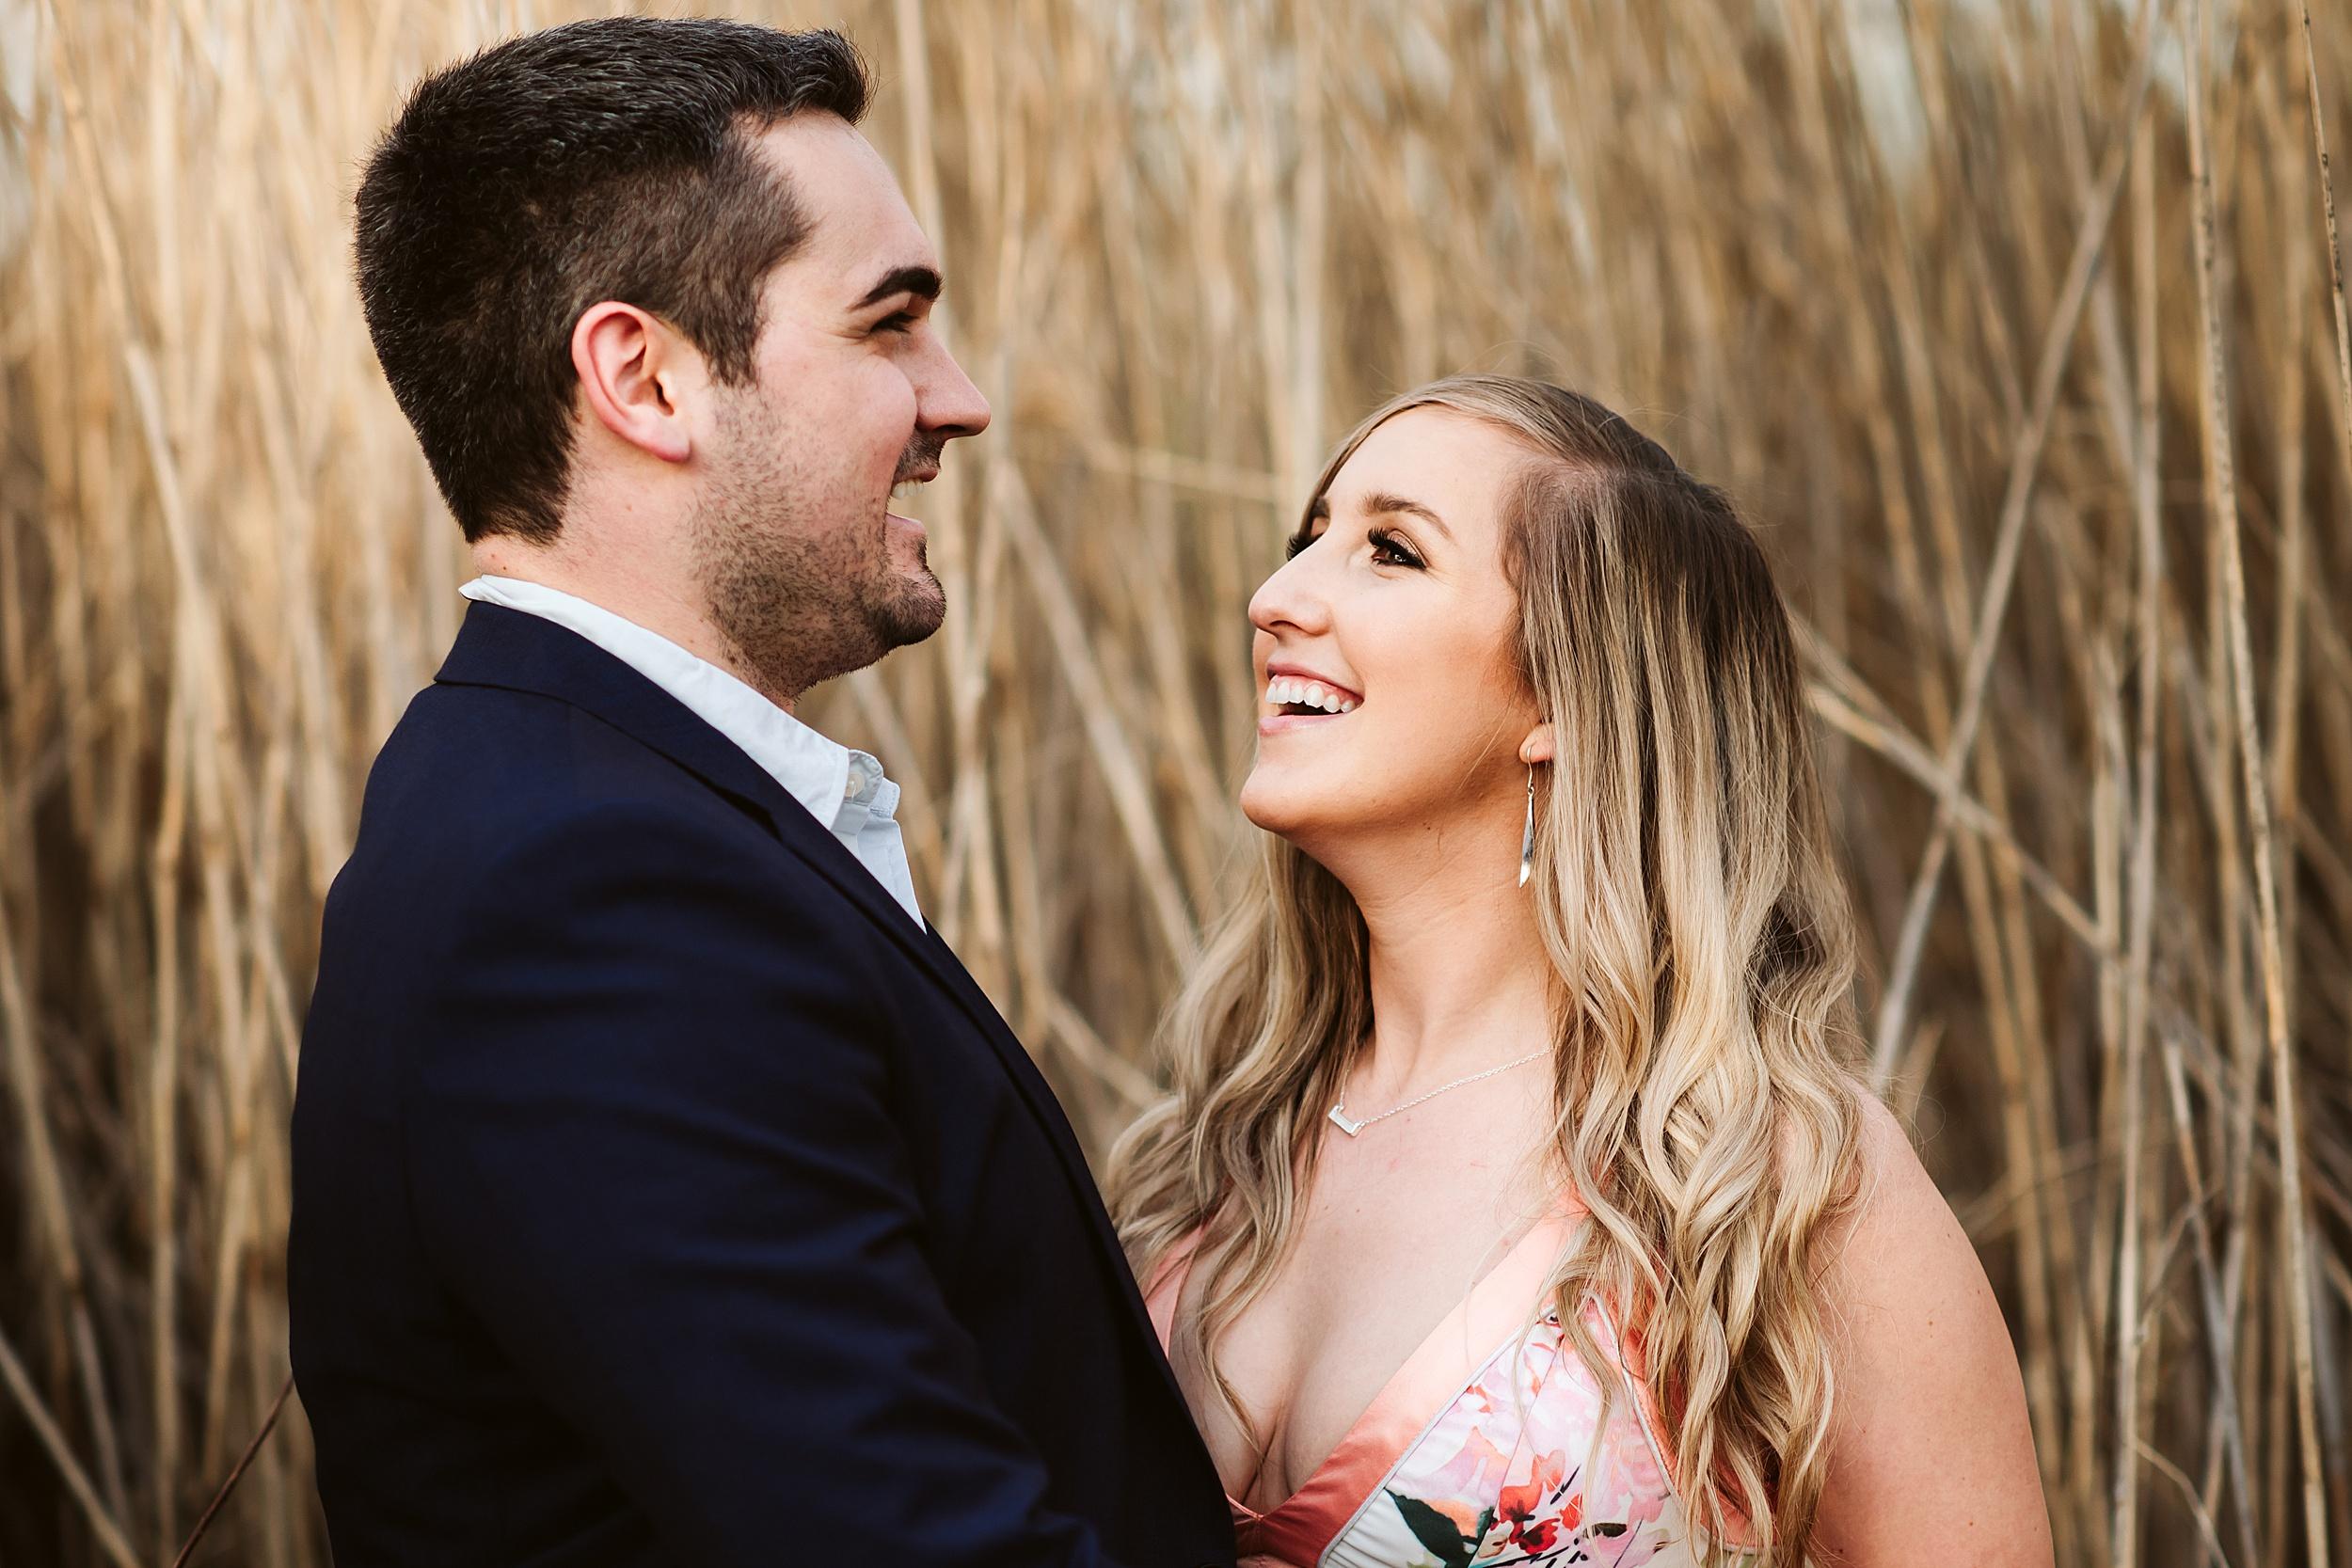 Toronto_Wedding_Photographers_Humber_Bay_Engagement_Shoot_Etobicoke_0006.jpg